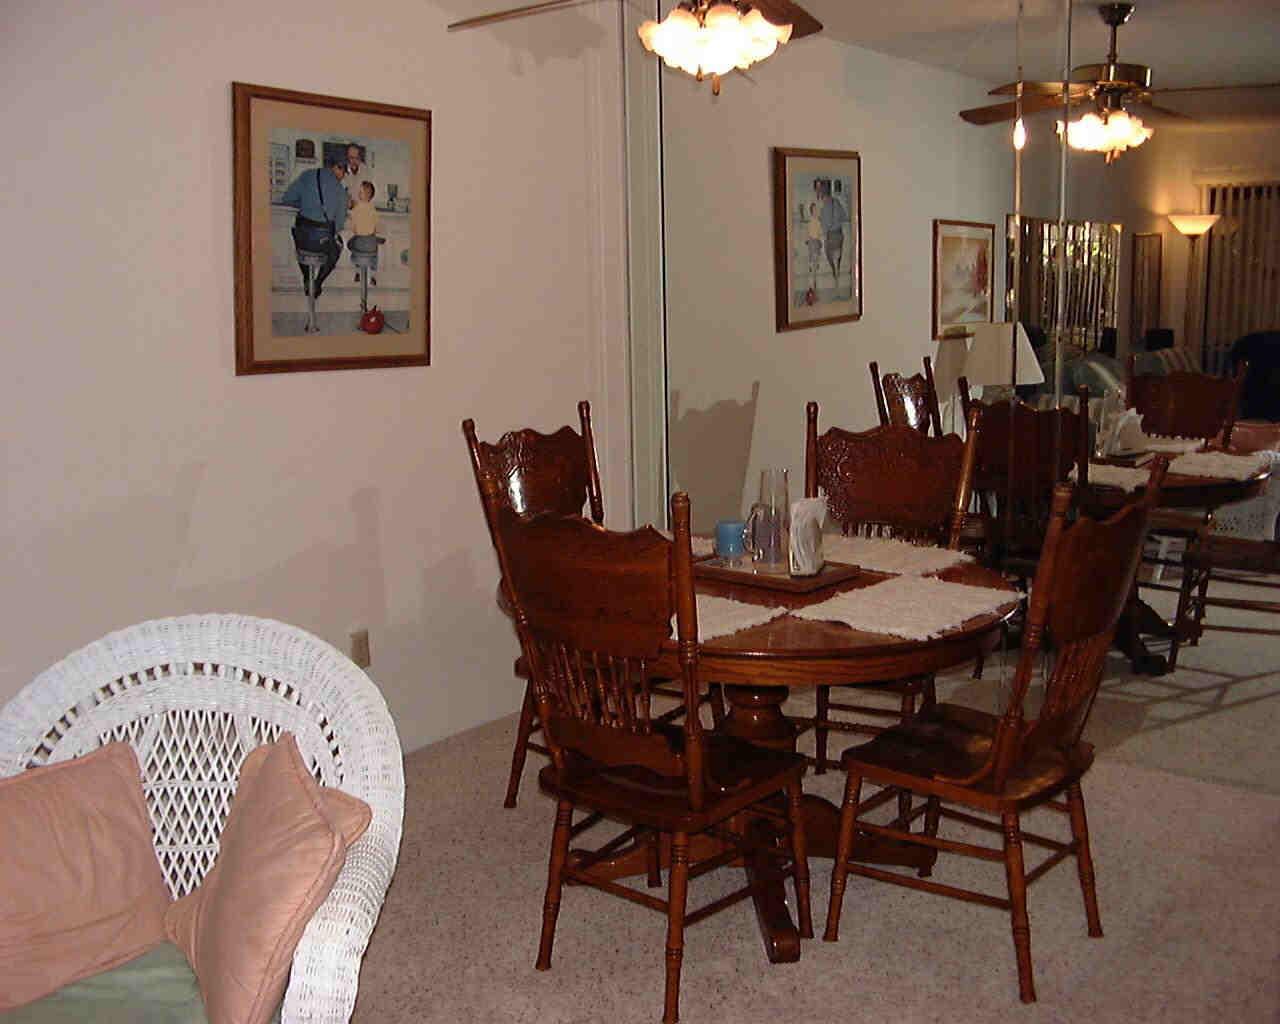 Condo 3 Palm Springs Condo Rental Fully Furnished 1 Bedroom Condos Executive Suites 60 90